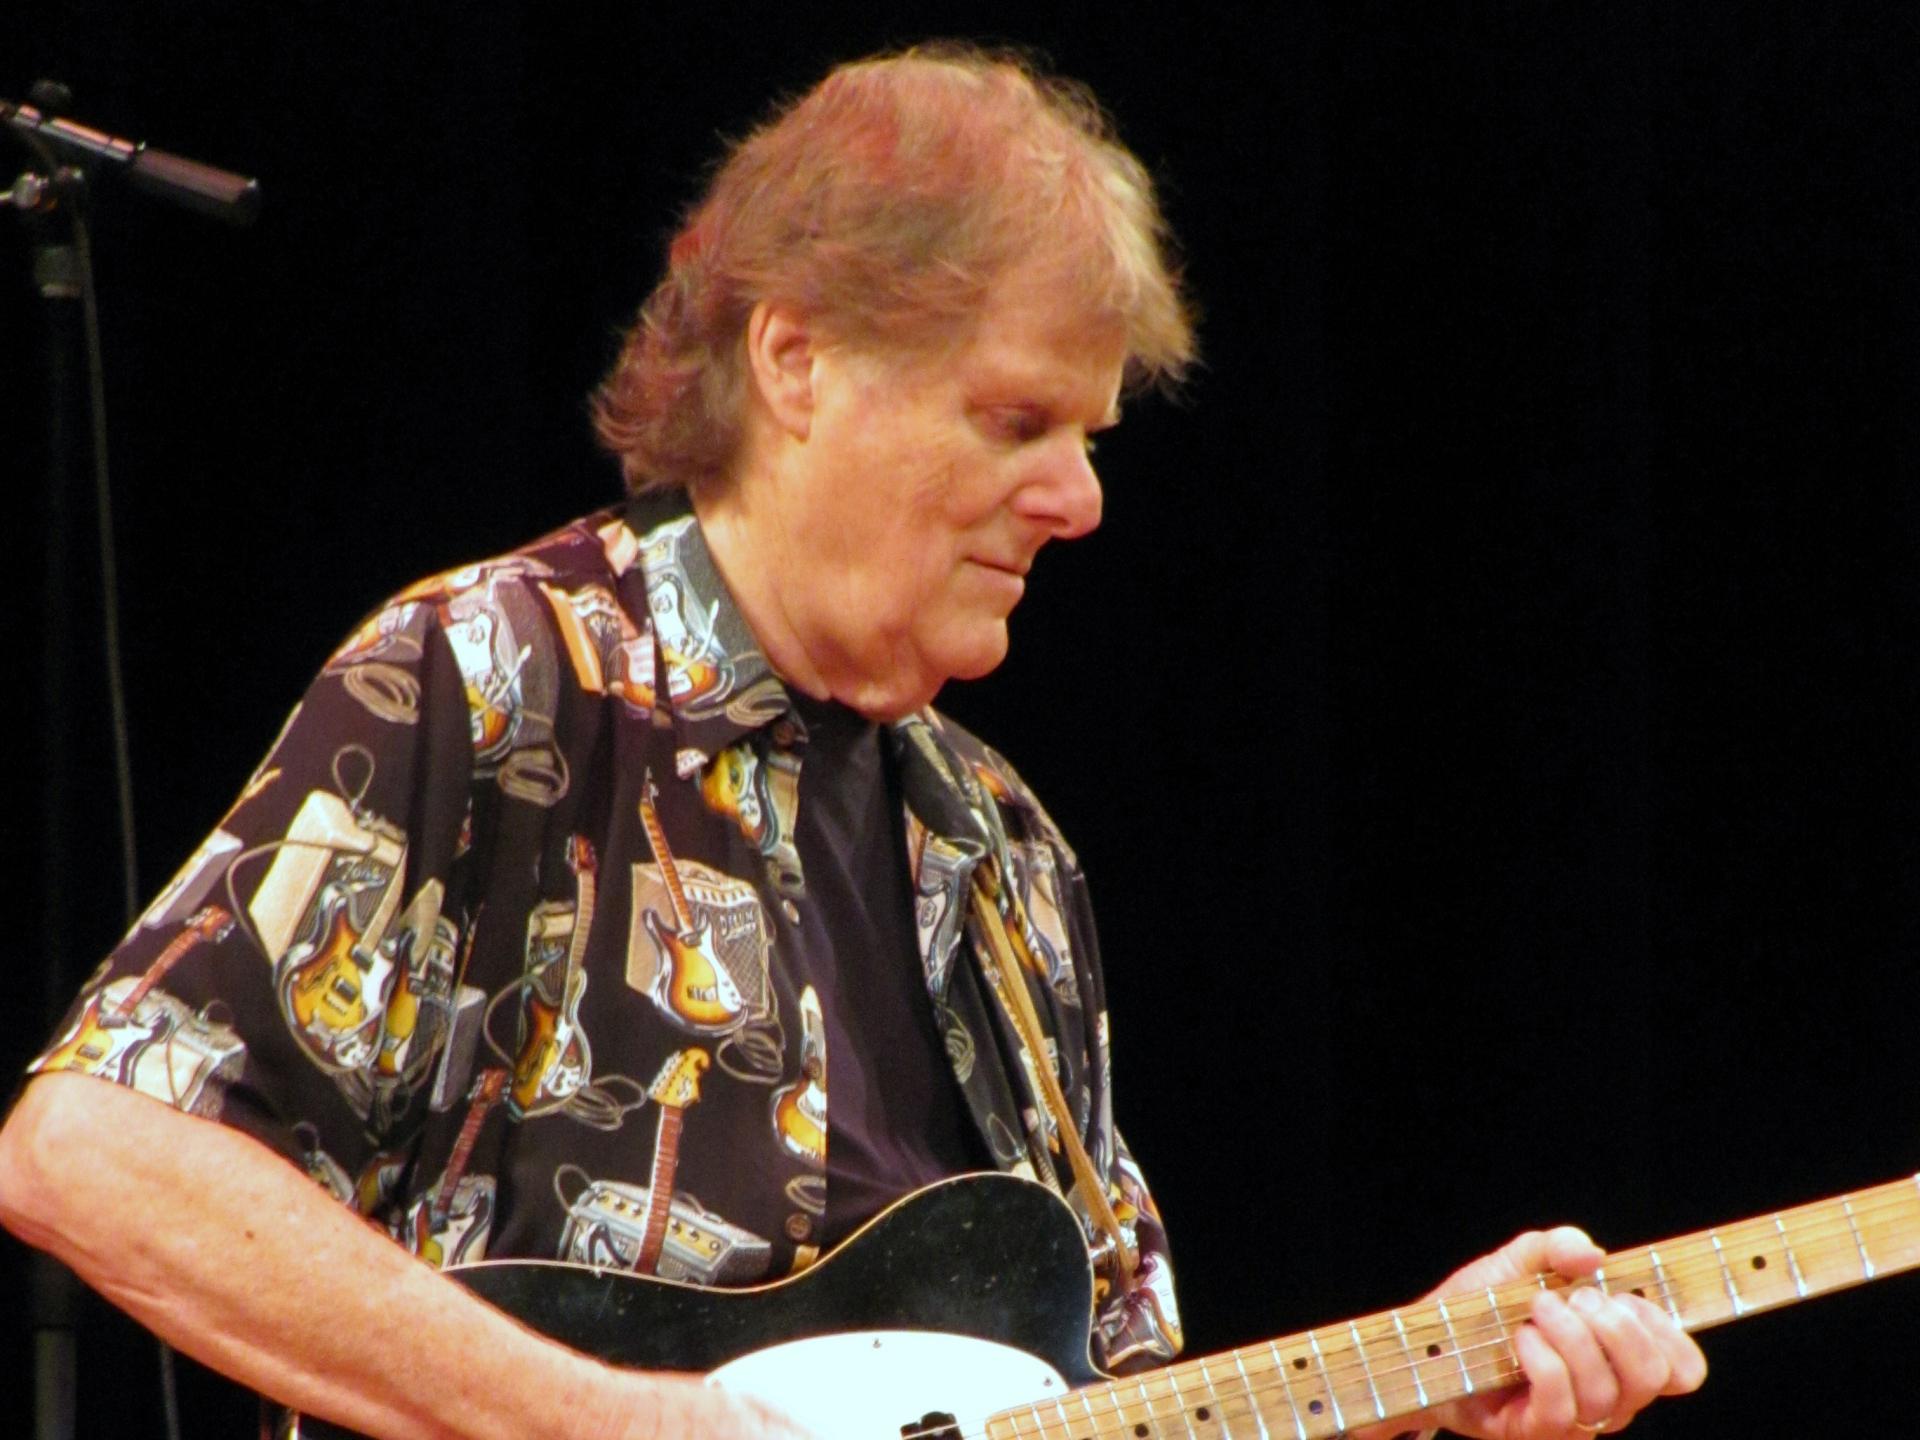 伝説のセッション・ギタリスト、レジー・ヤングが82歳で死去